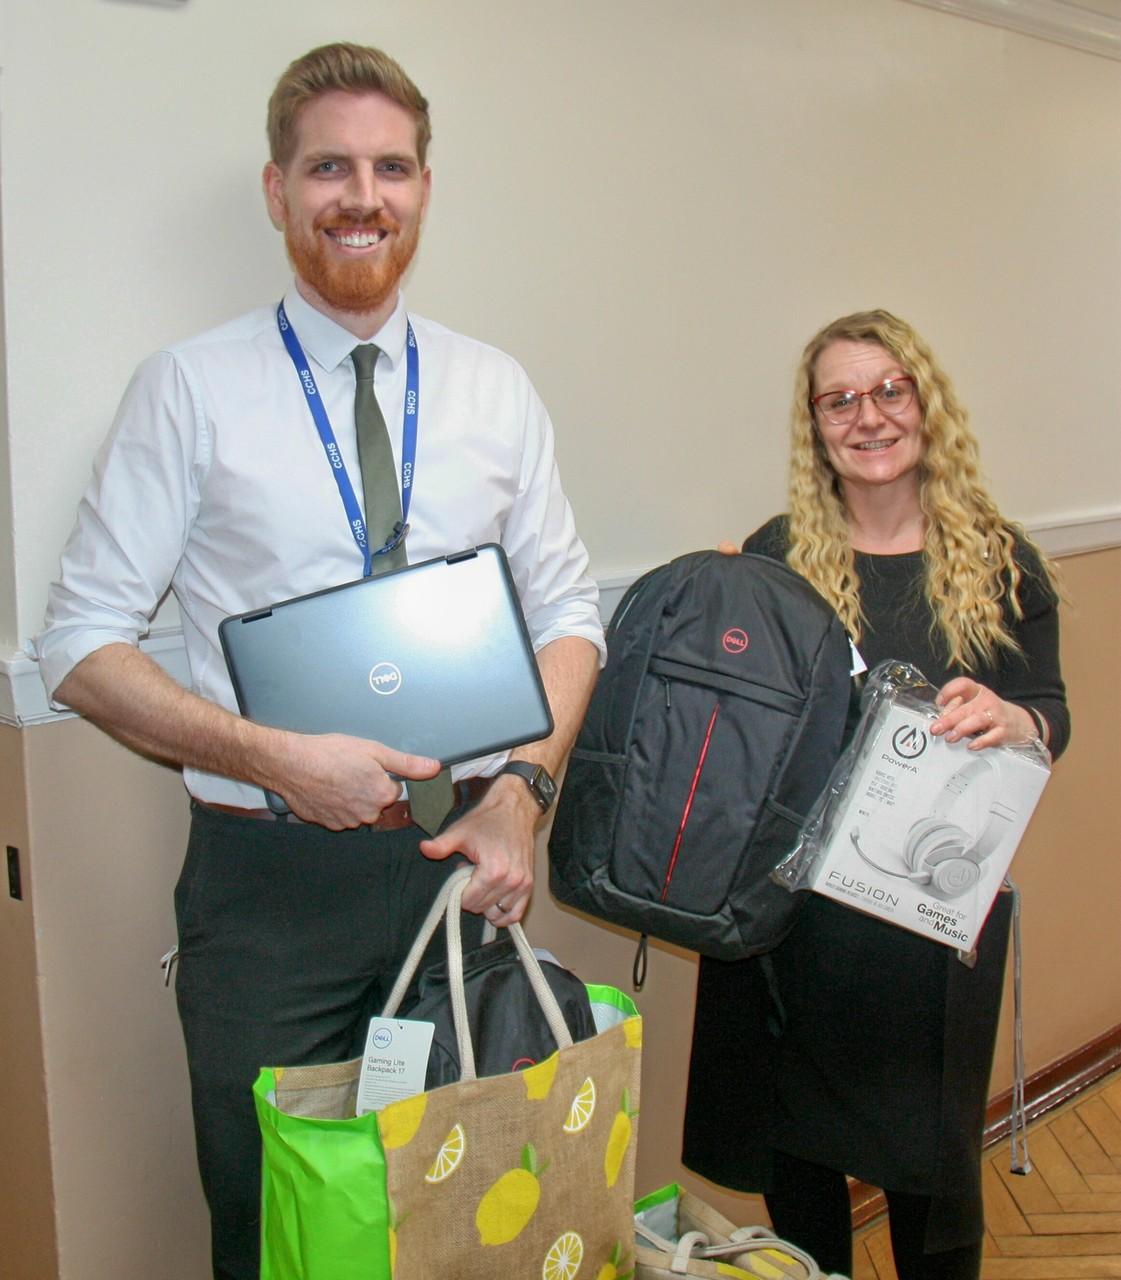 Laptop donation to Clacton County high school | Asda Clacton-on-Sea